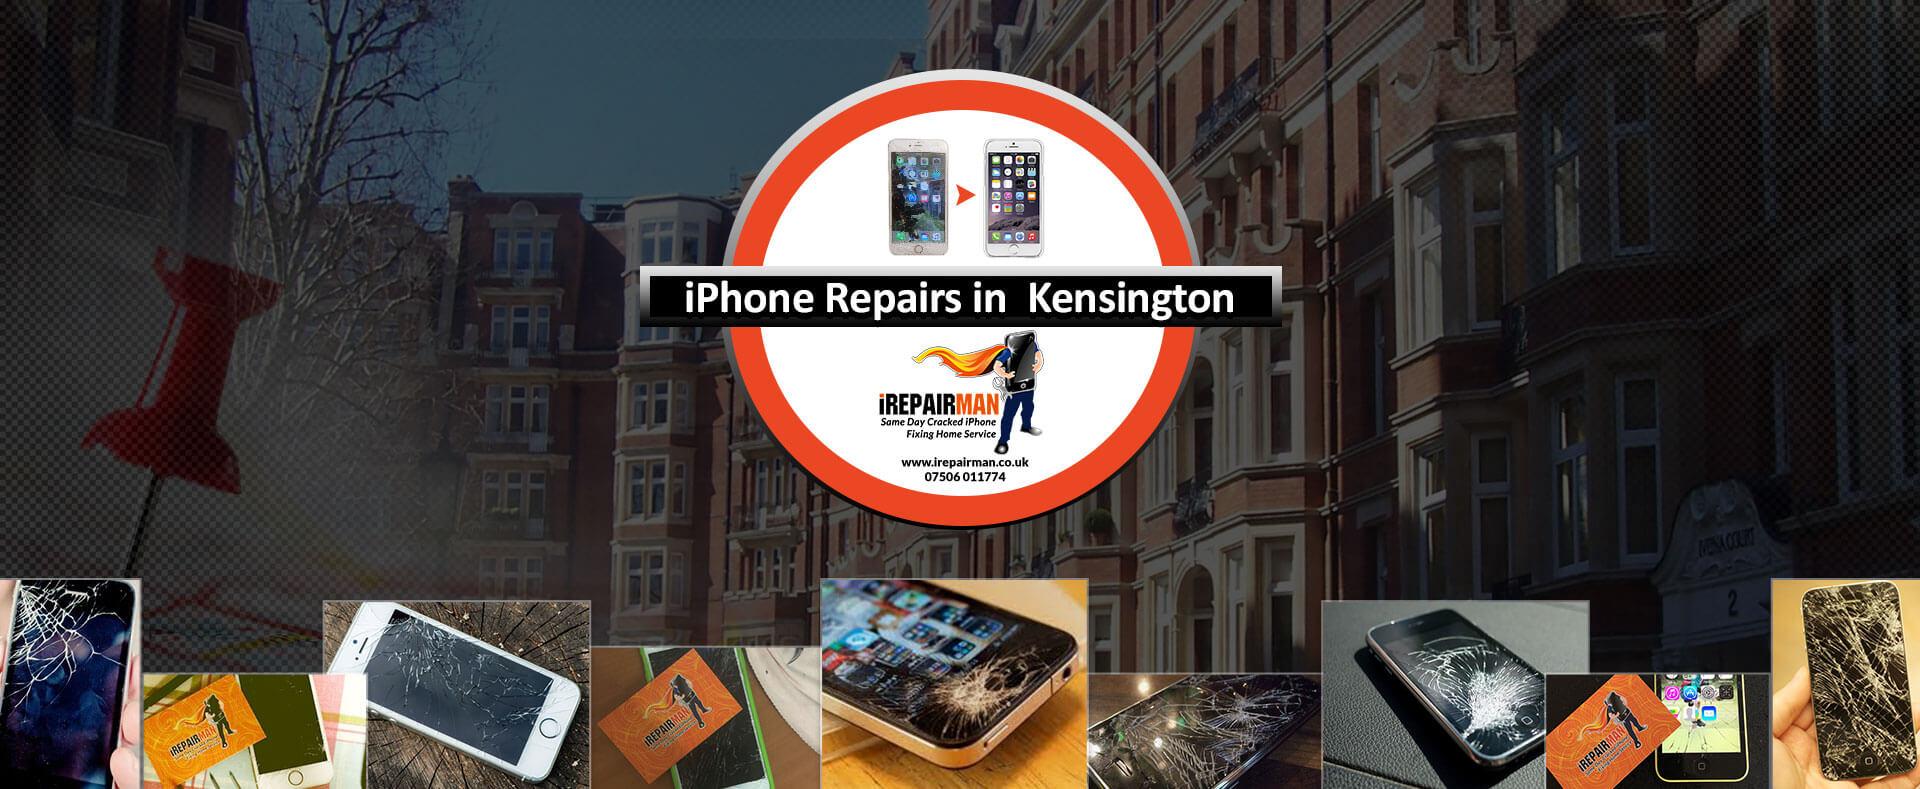 iPhone Repairs in Kensington